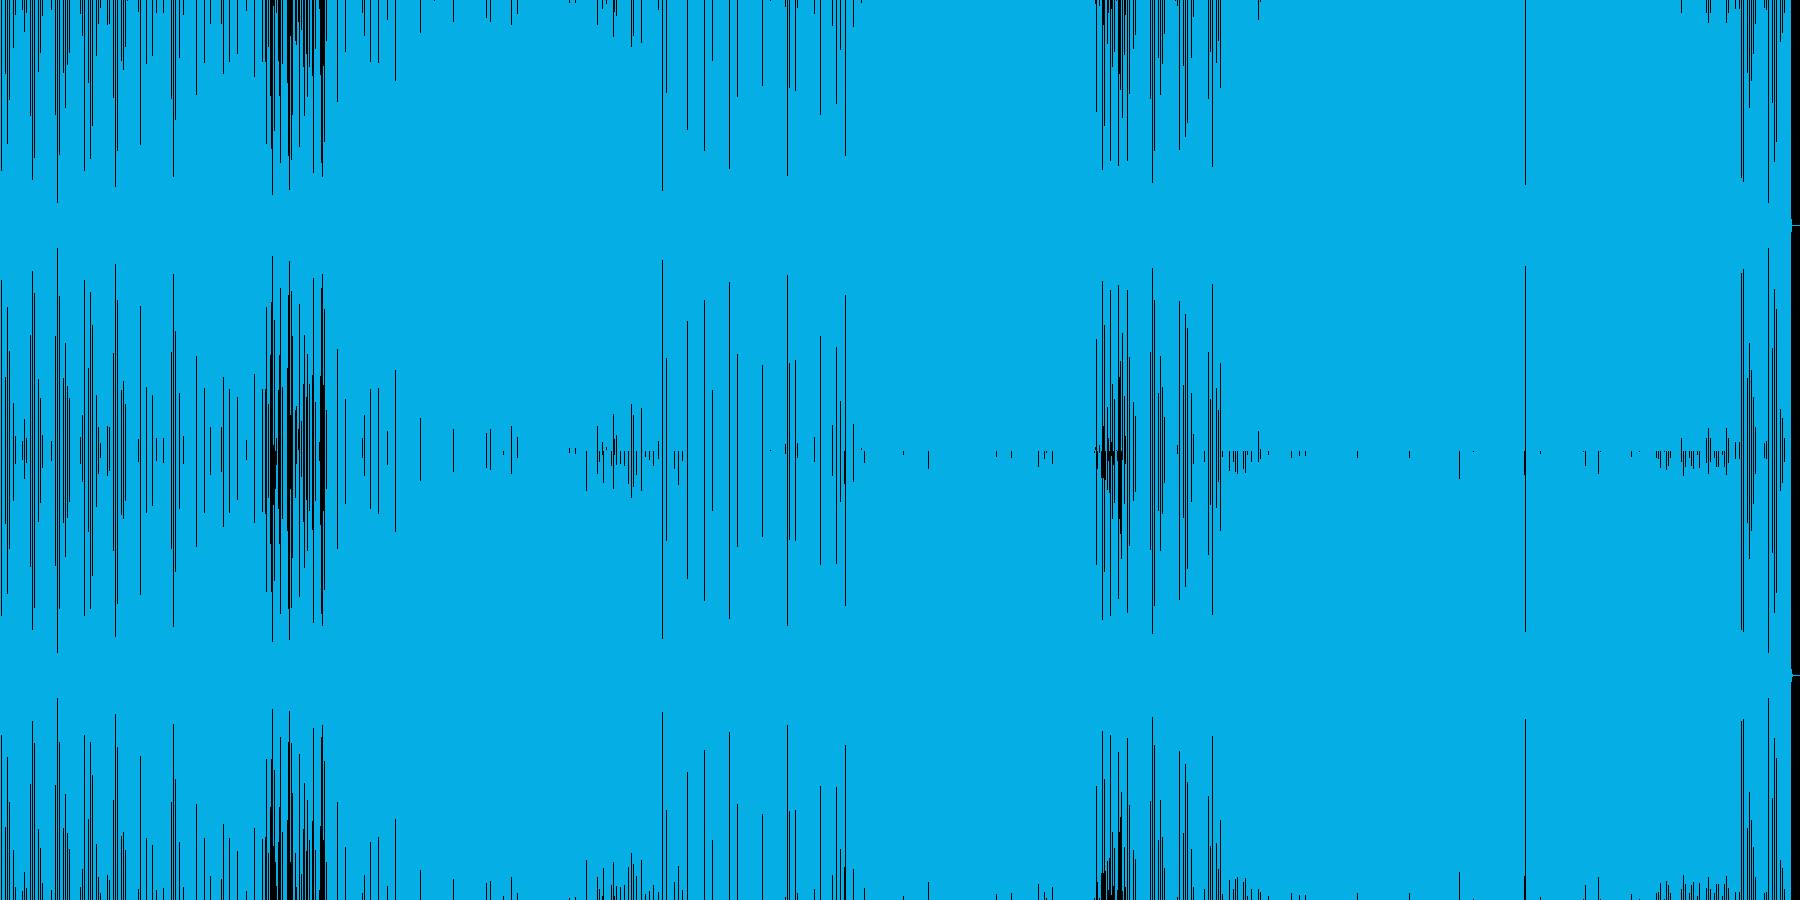 疾走感あるacidhouse の再生済みの波形